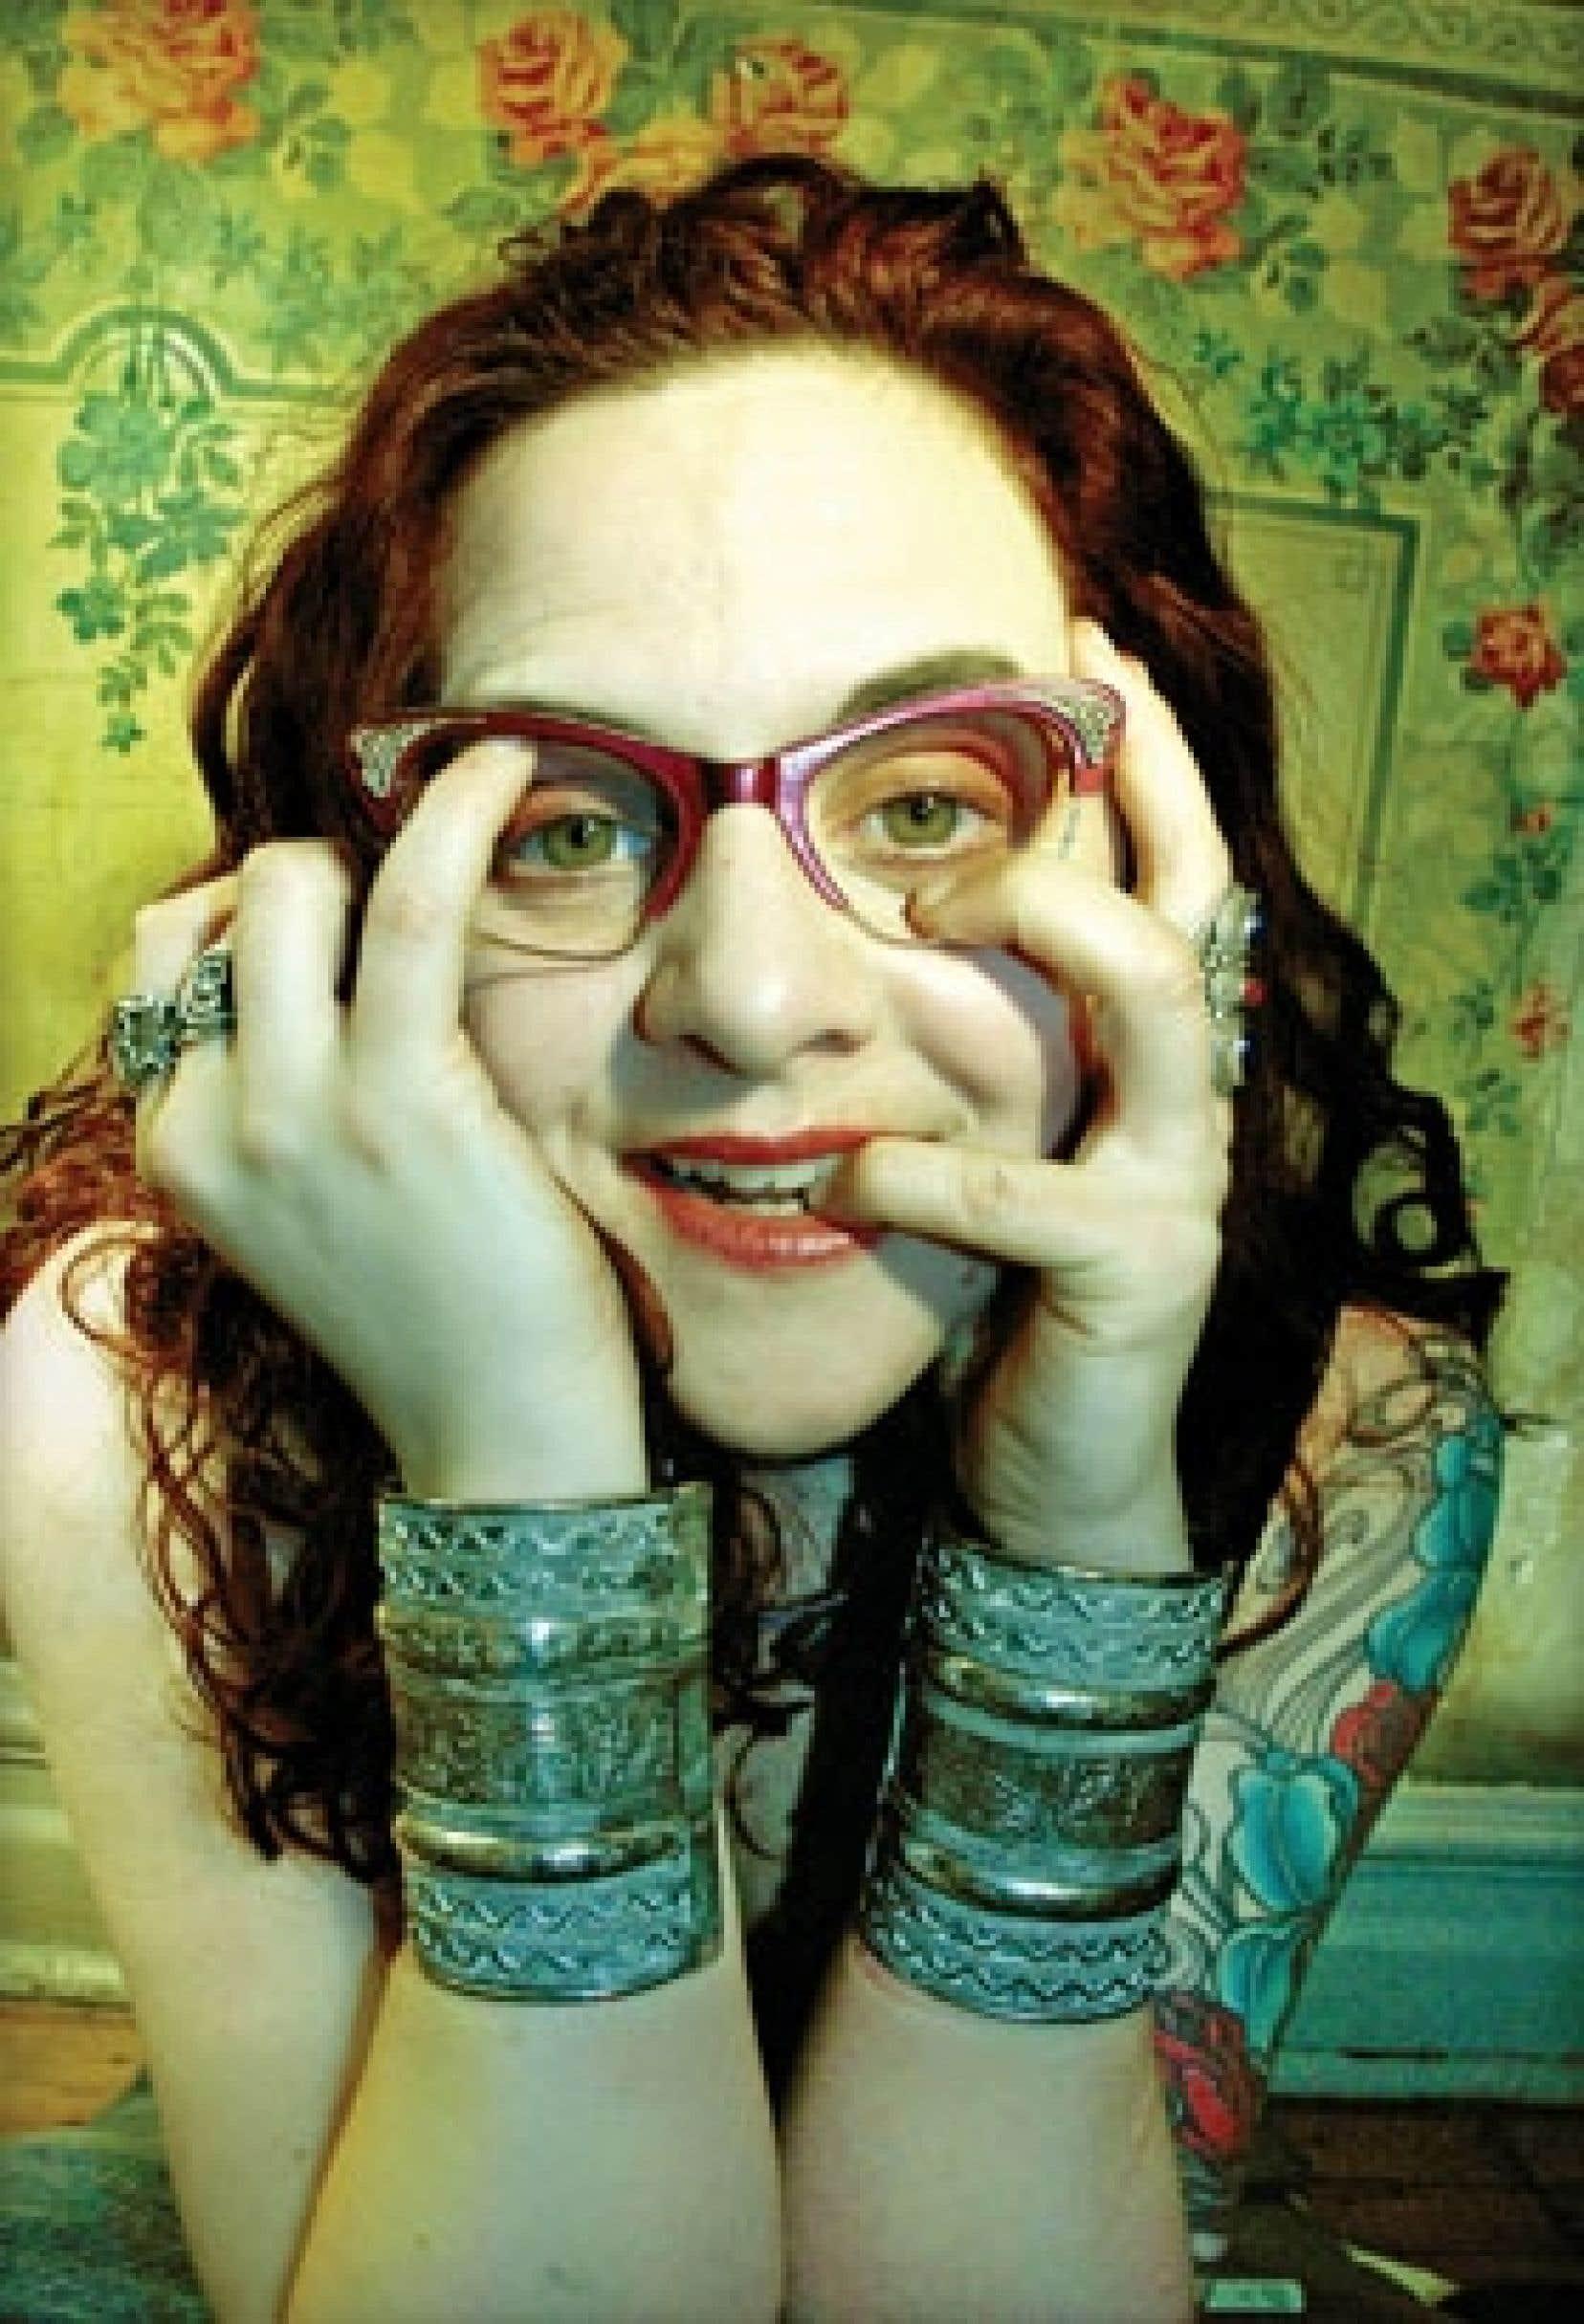 Nathalie Claude agira comme maîtresse de cérémonie du Cabaret Dada surréaliste, qui revient à l'affiche cette année au Festival Voix d'Amérique.